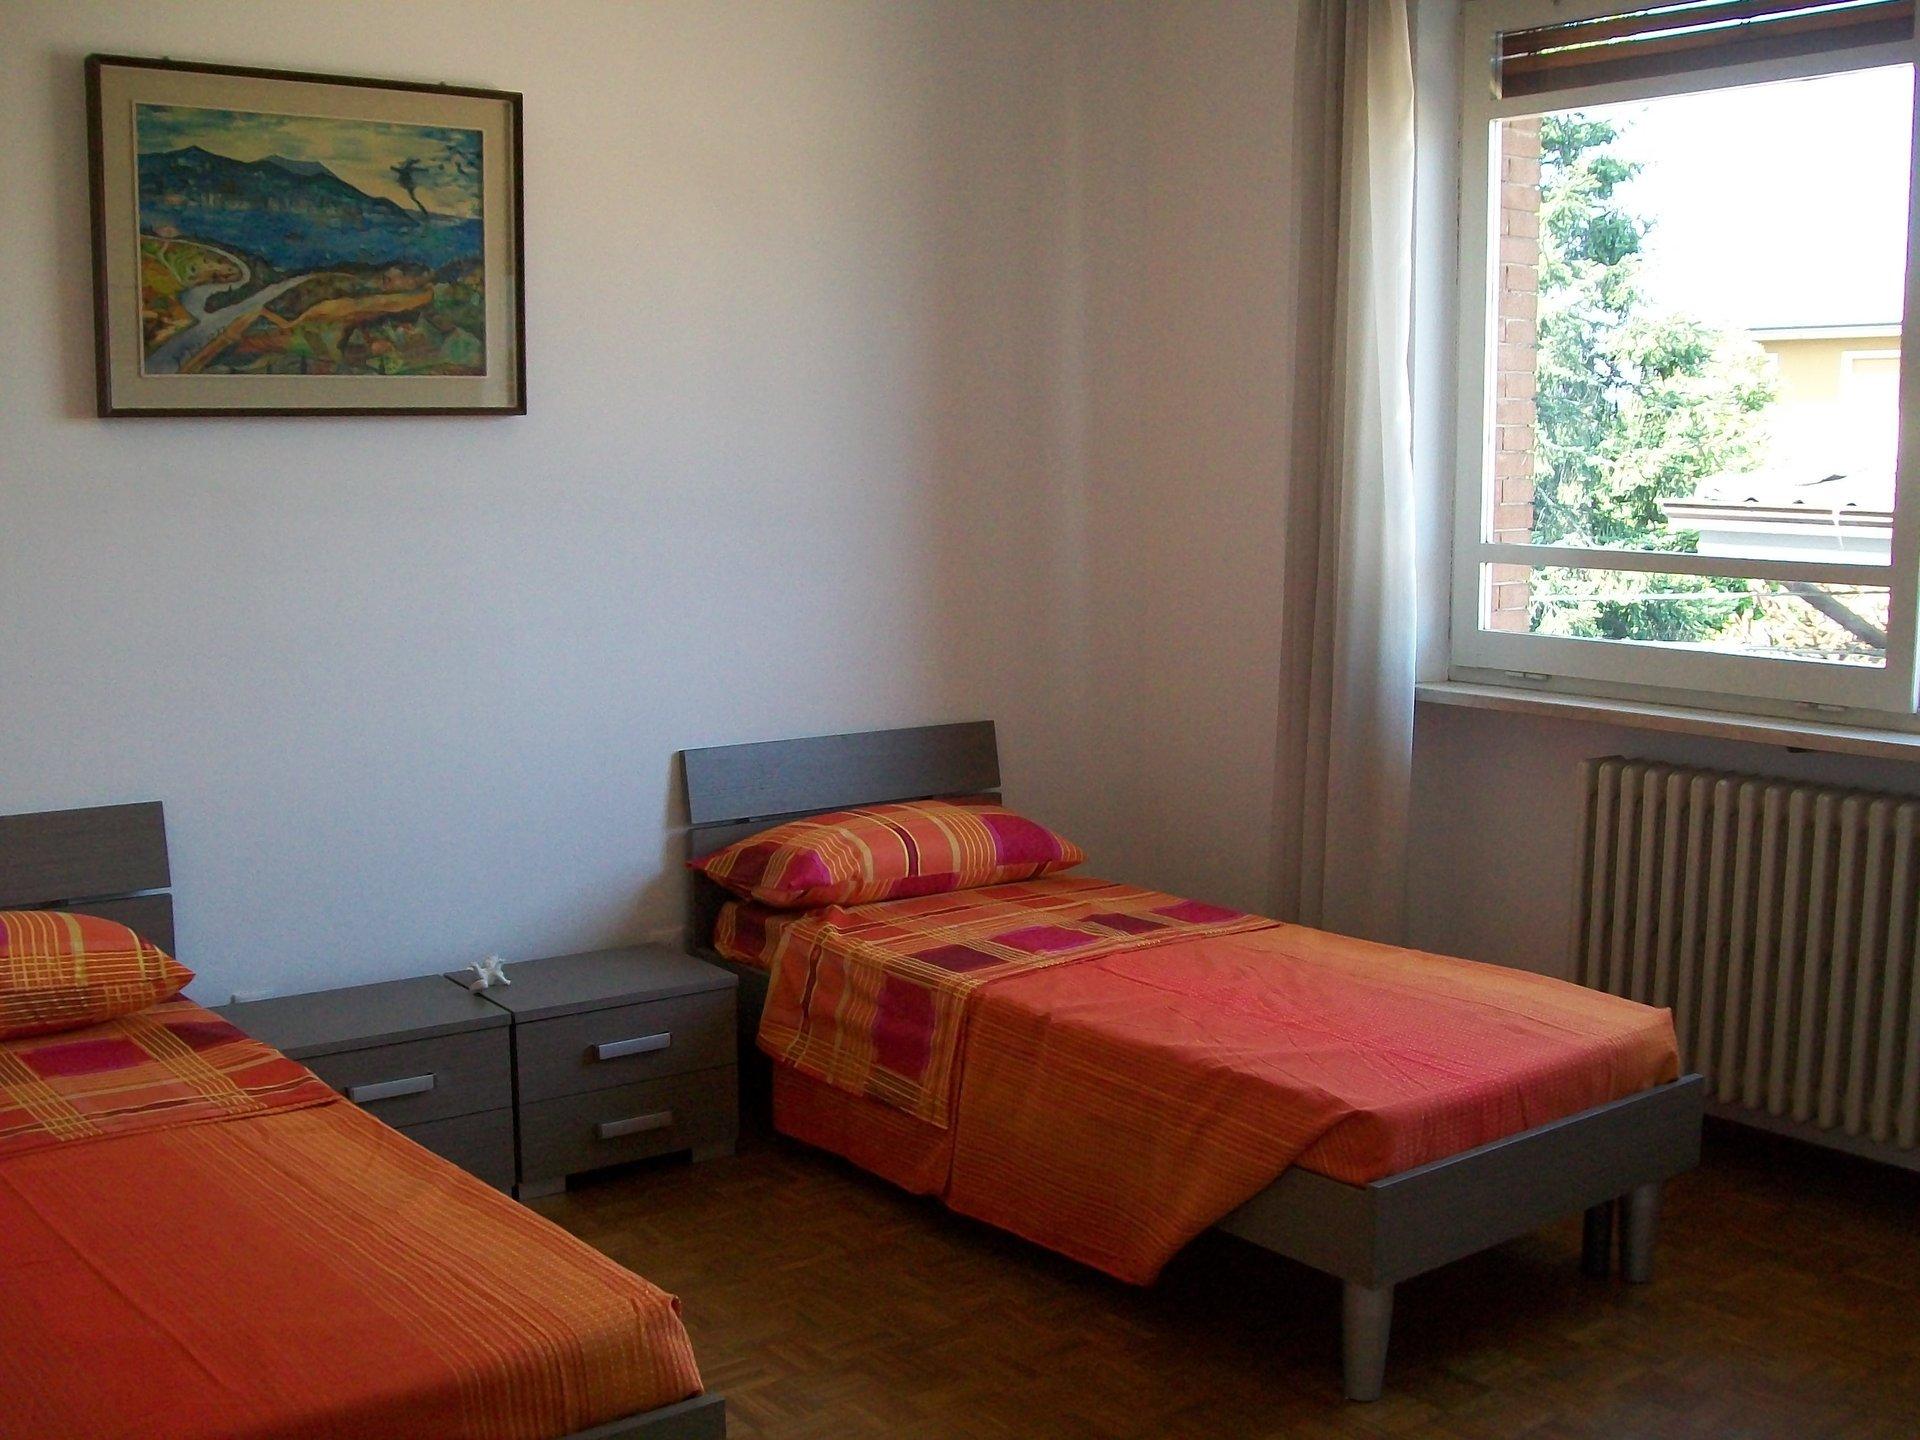 stanza da letto del ricovero per anziani